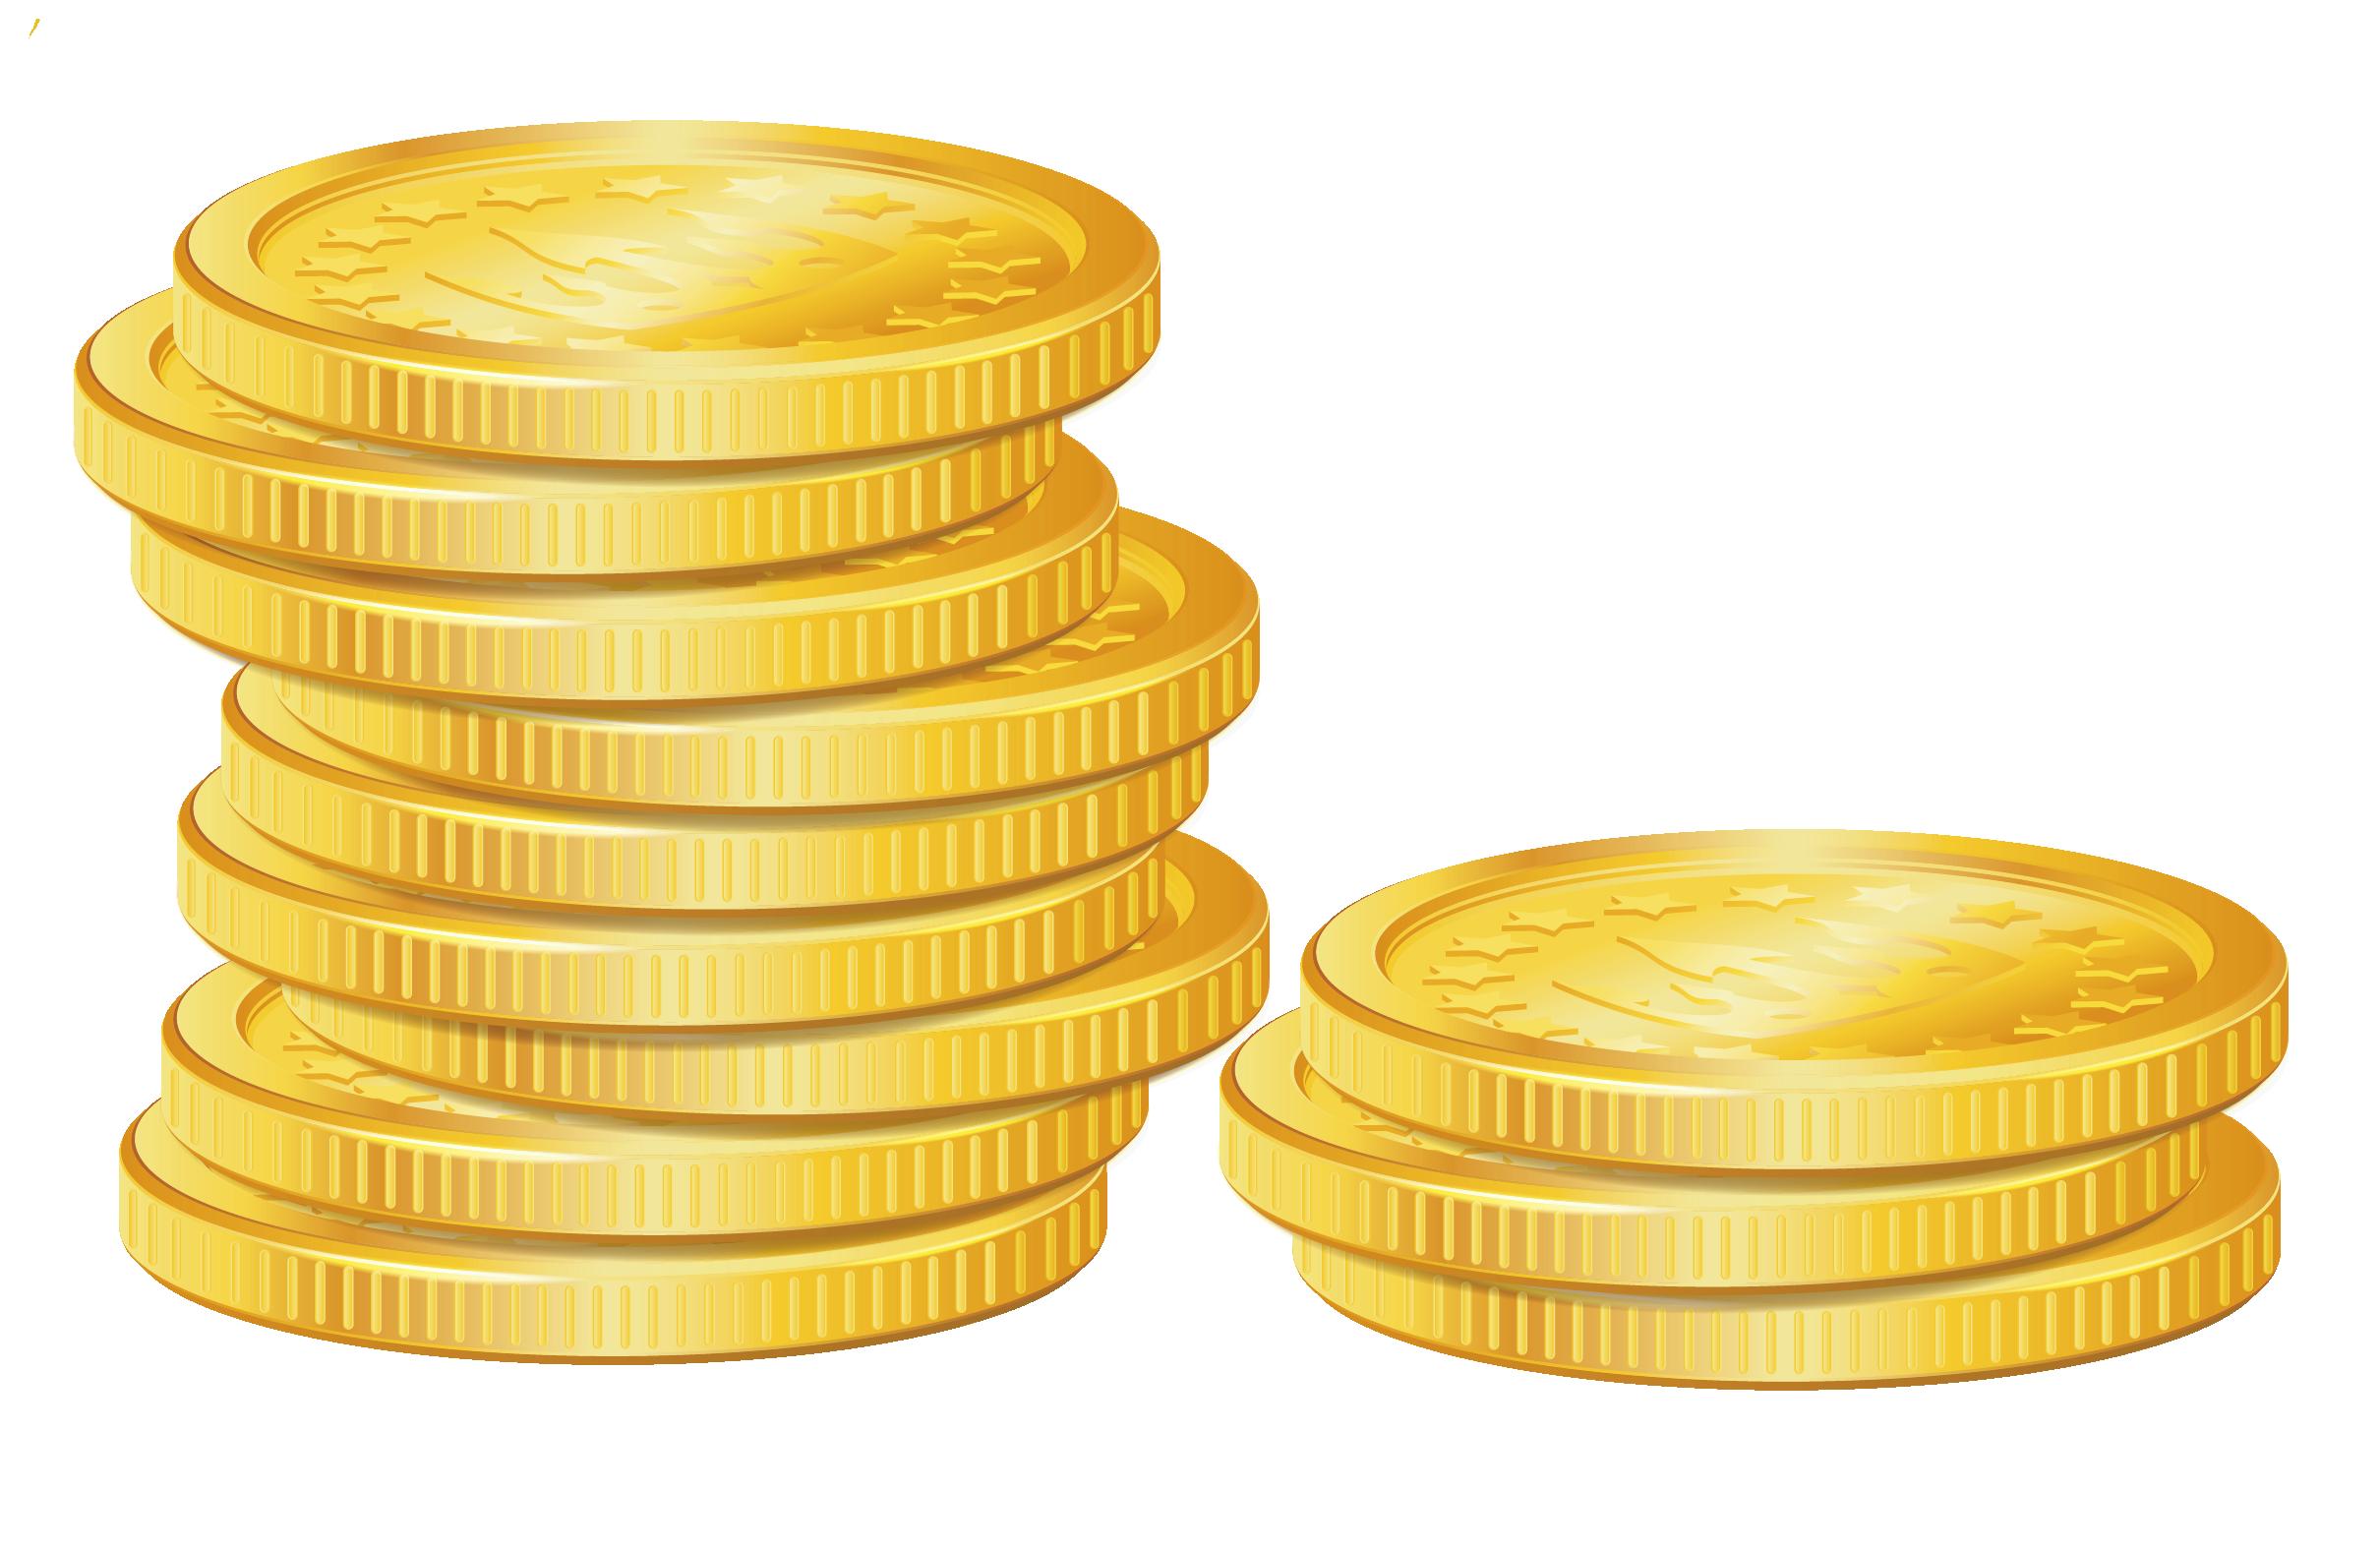 Первичное Предложение Монет (ICO): что это такое?